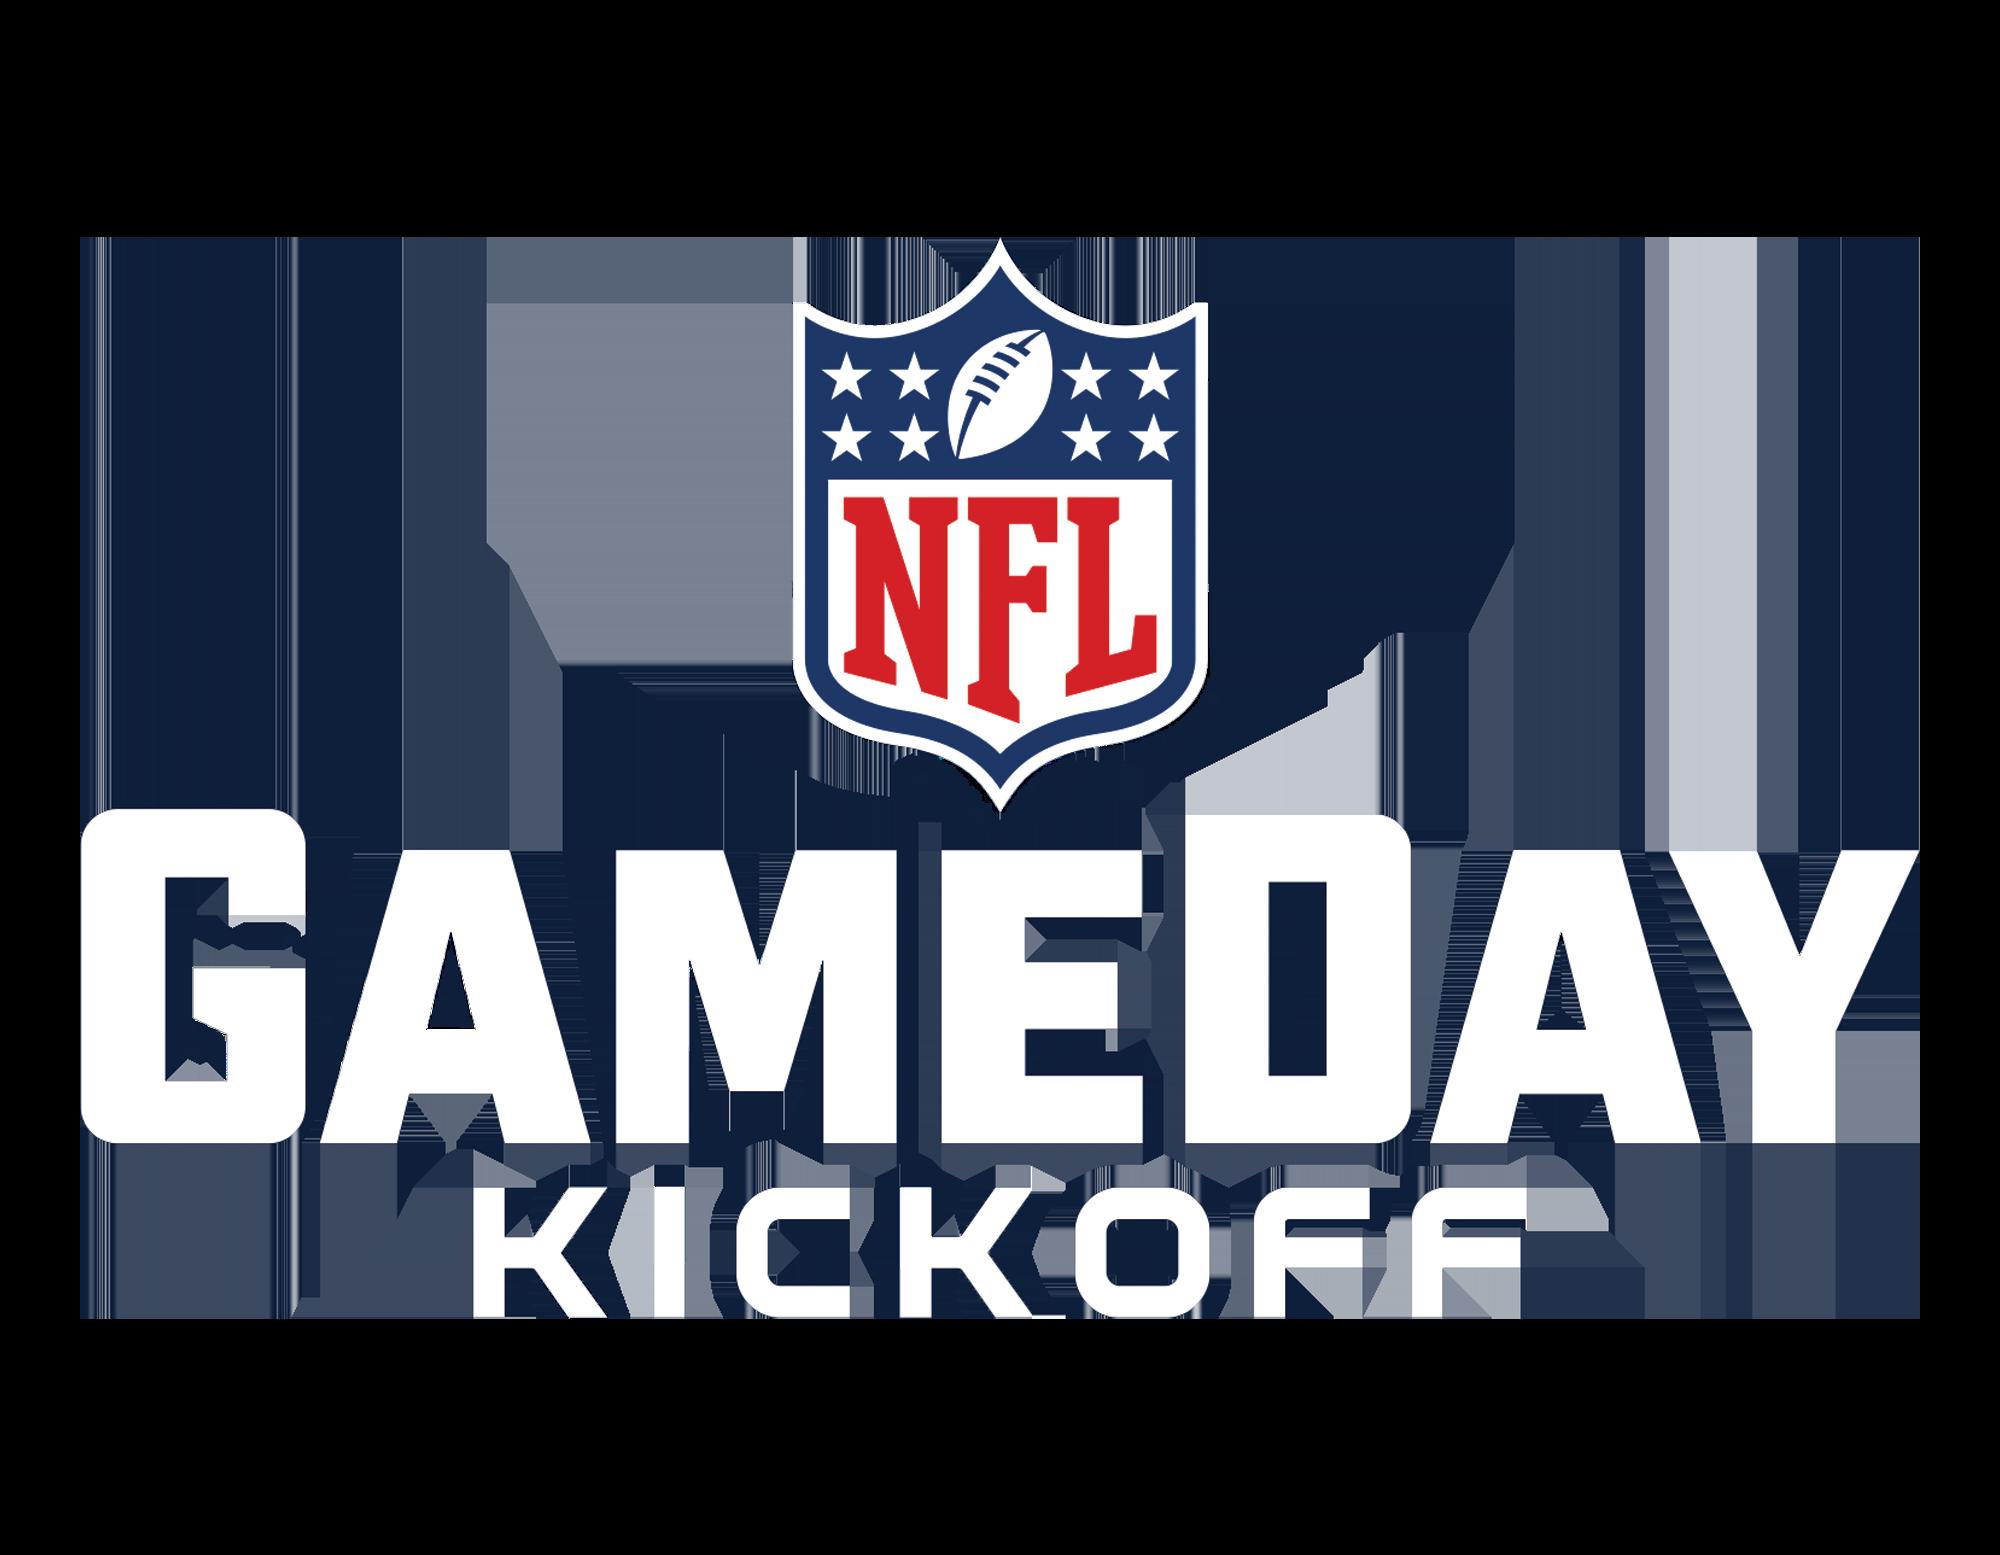 NFL GAMEDAY KICKOFF | THURSDAYS 6PM ET